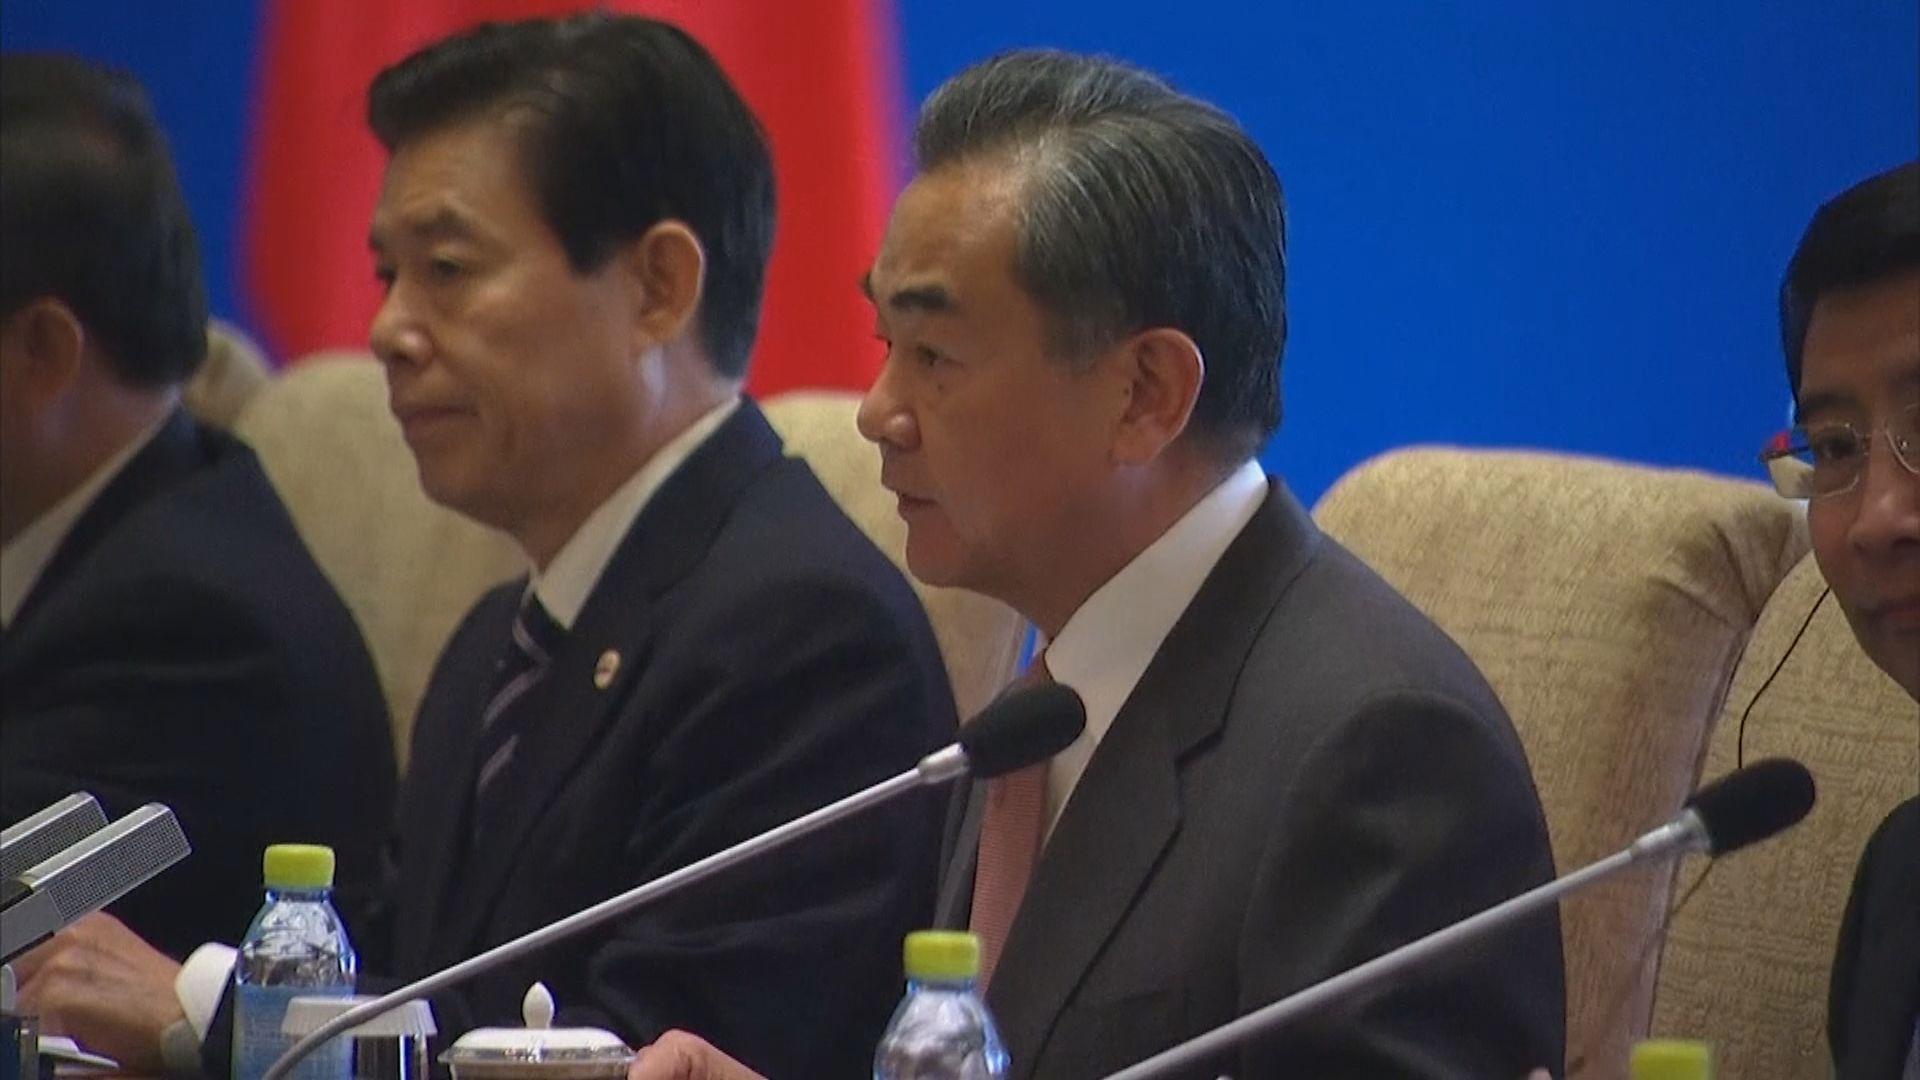 王毅:中日要為全球經濟和平穩定發展作貢獻